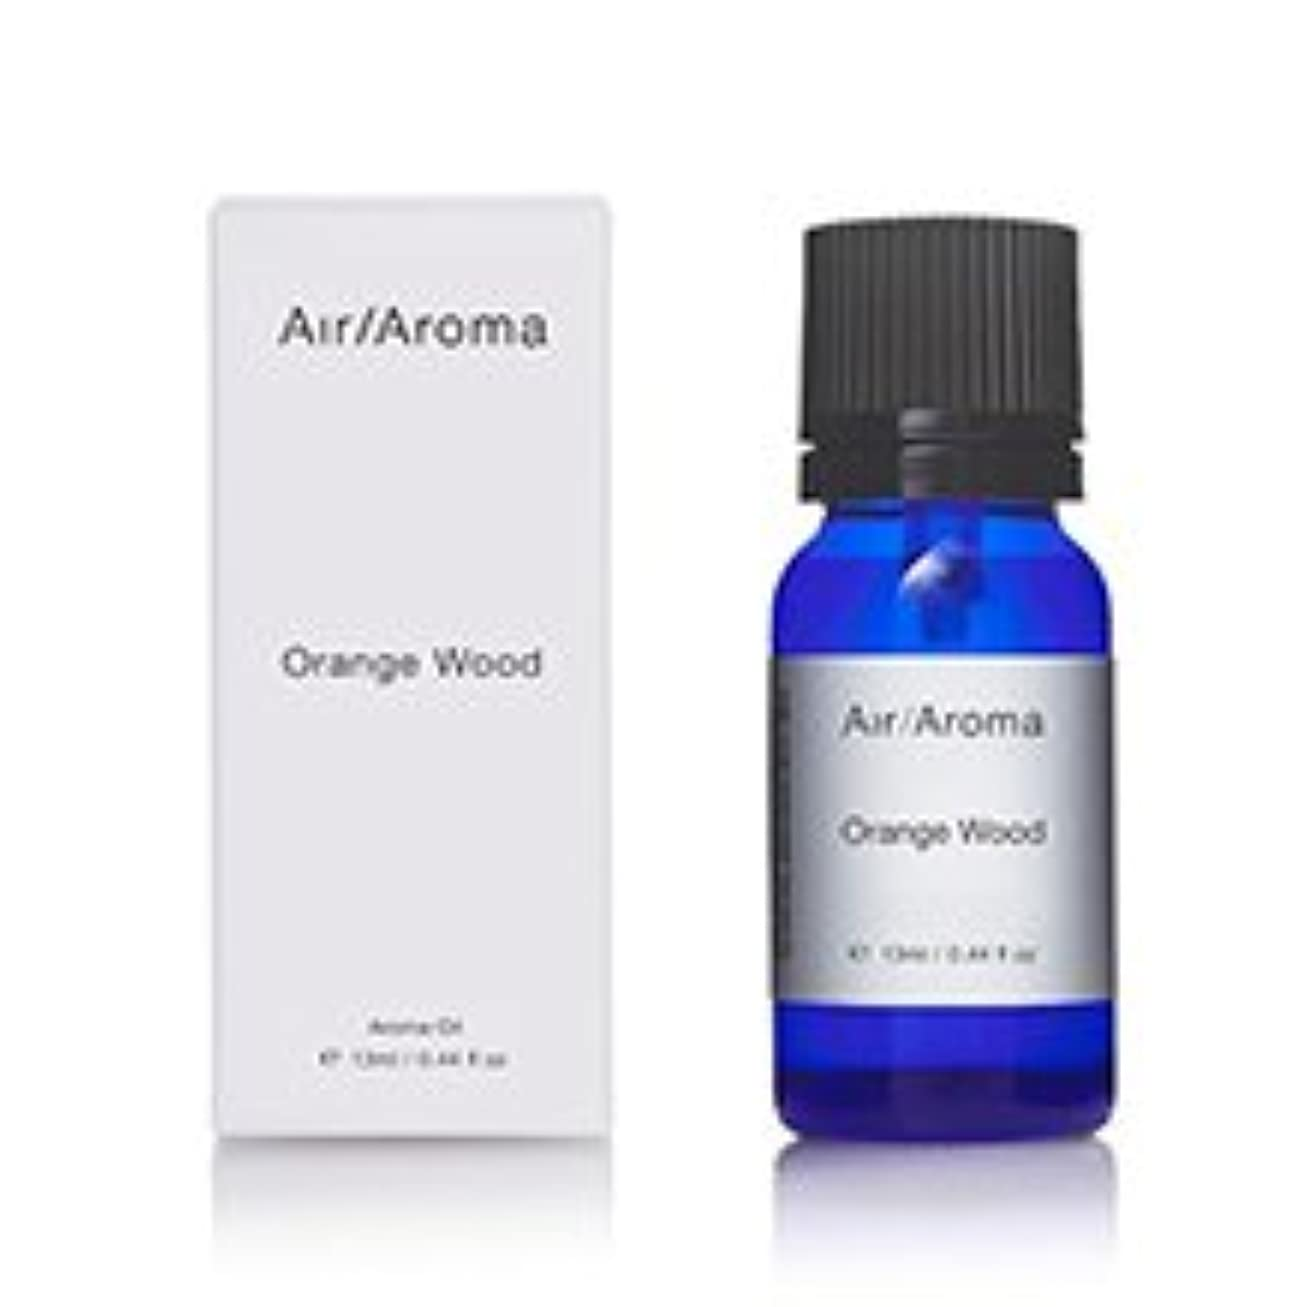 ワックス恨みブースエアアロマ orange wood(オレンジウッド)13ml